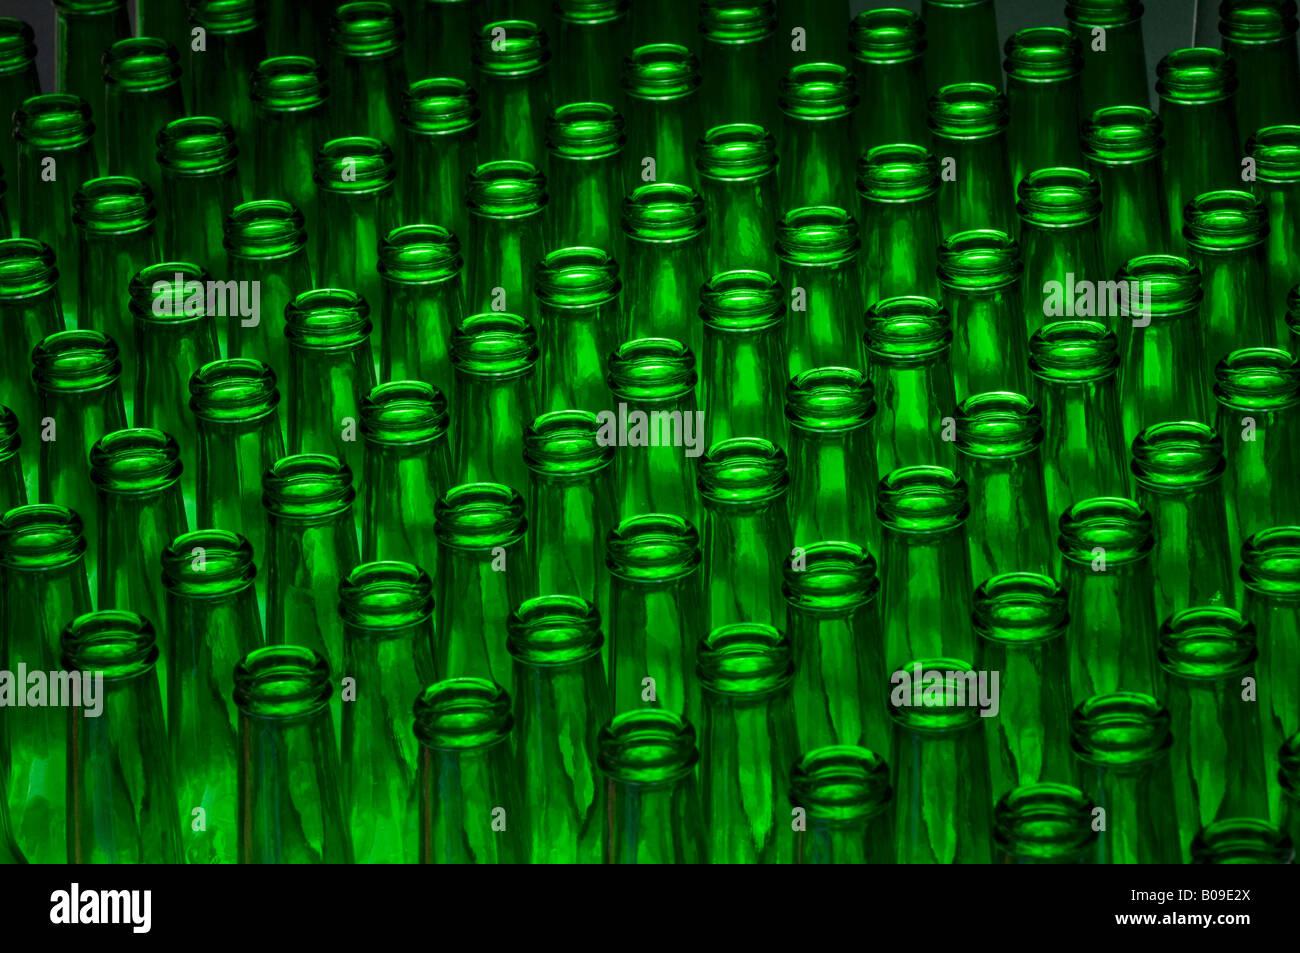 Las botellas de cerveza verde vacío listo para ser llenado con cerveza o reciclado. Imagen De Stock